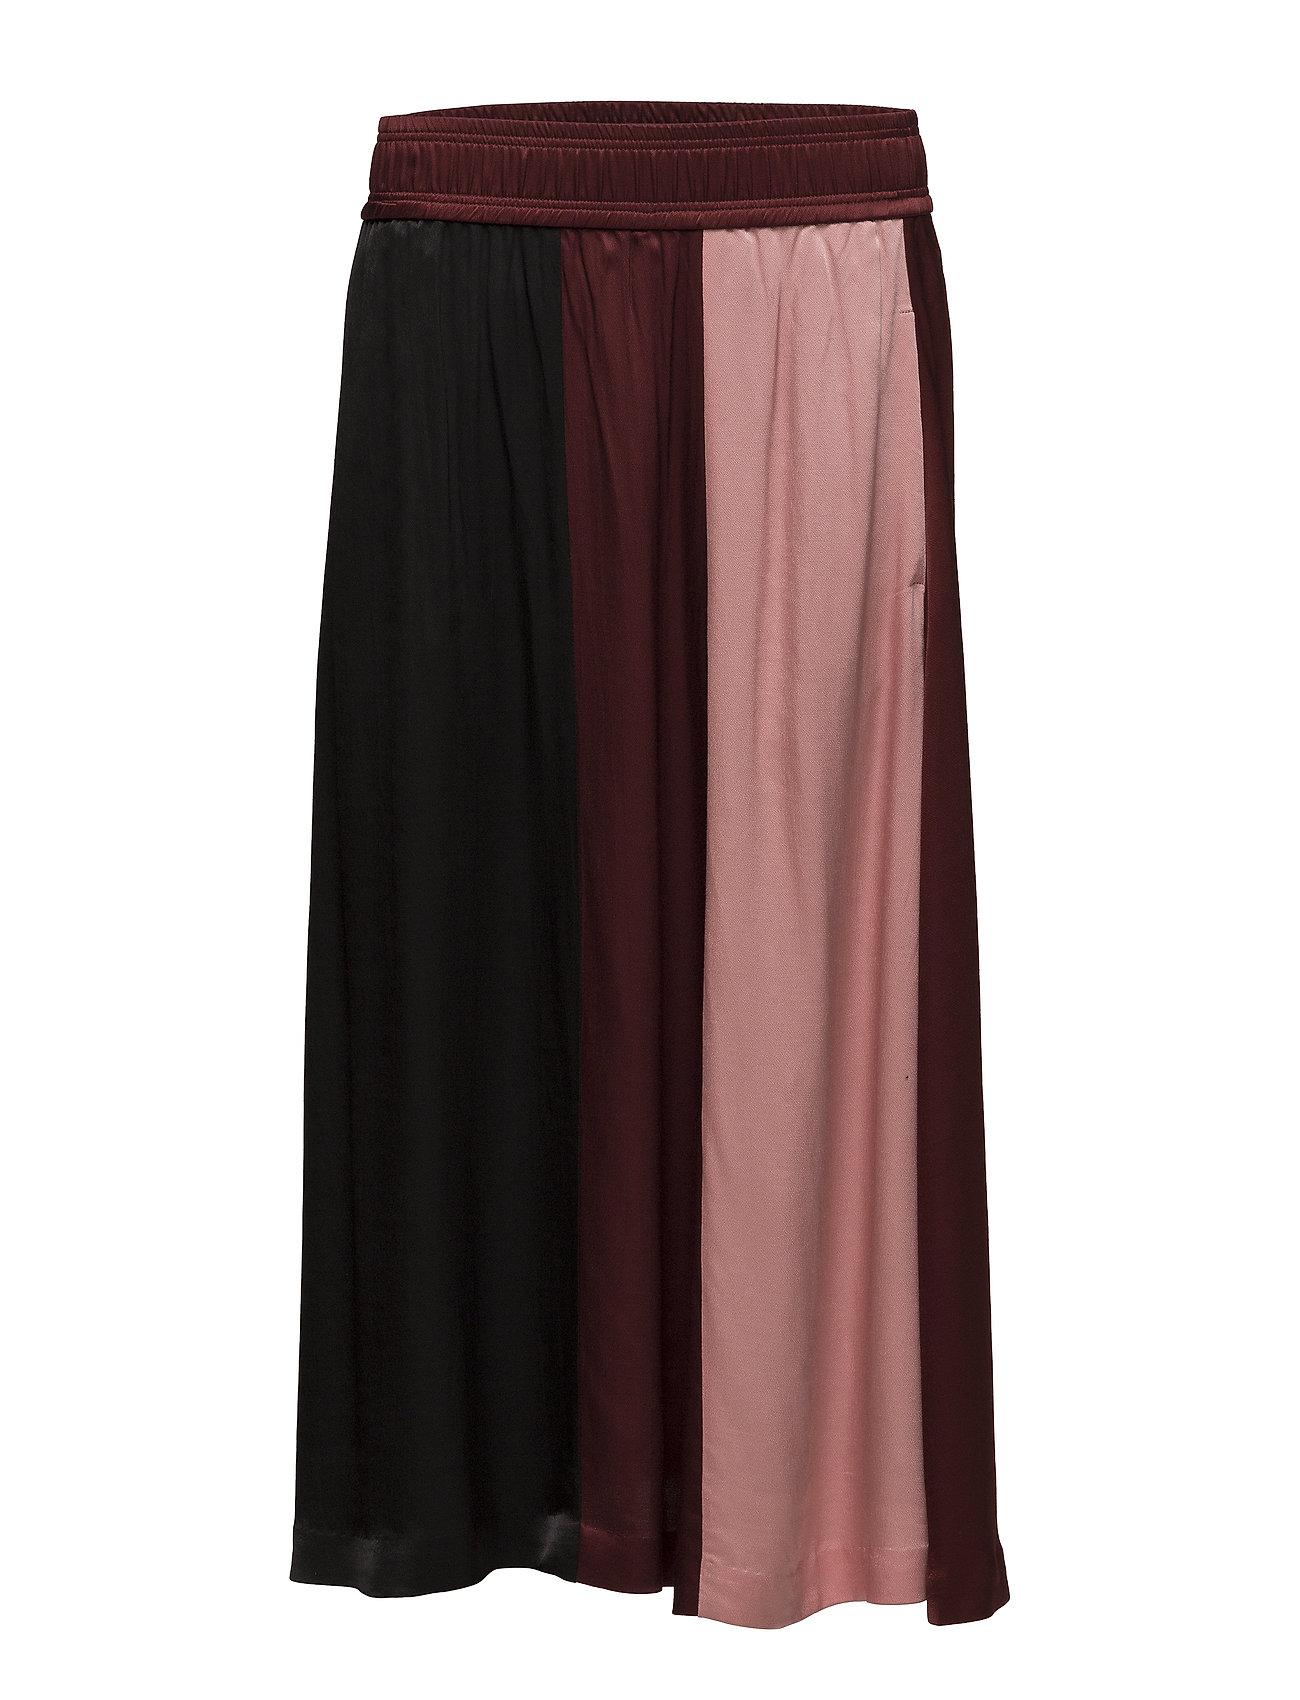 536b744240b Sort InWear Venice Skirt Lw midikjoler for dame - Pashion.dk